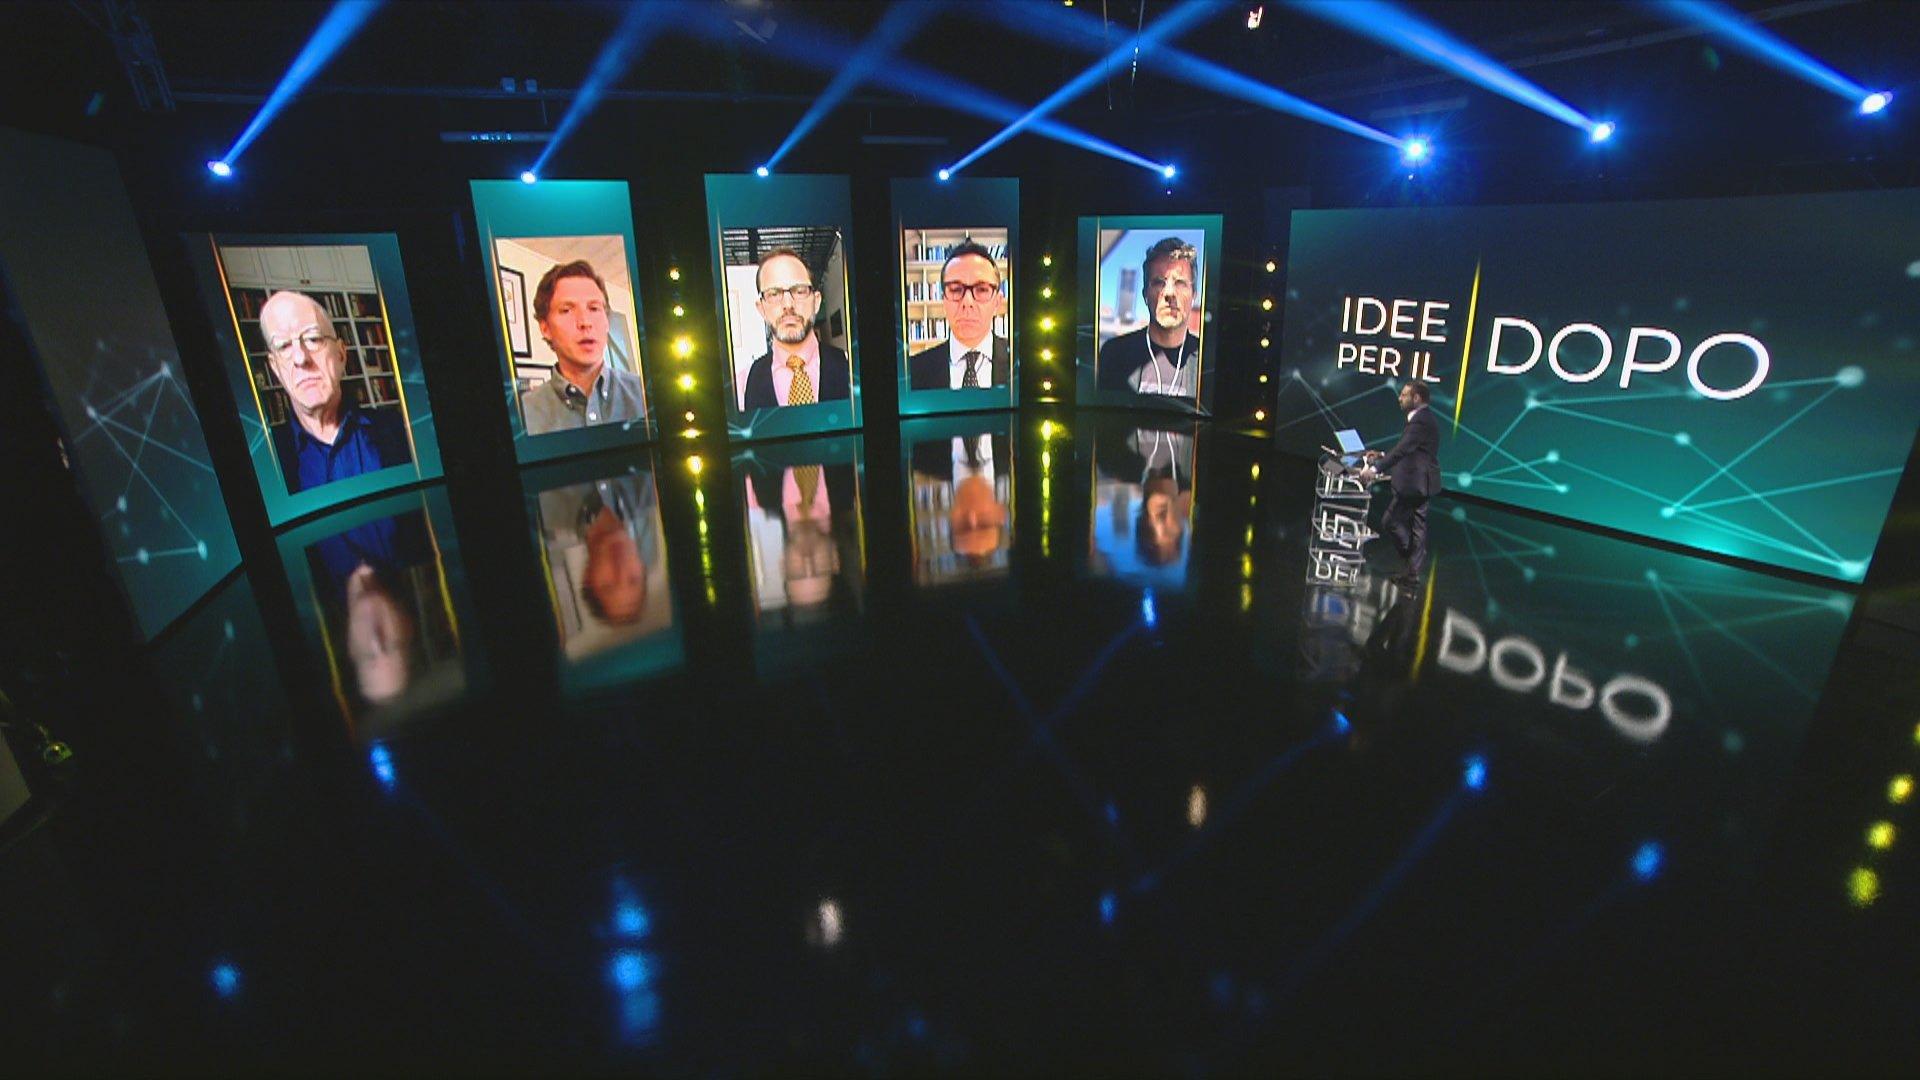 «Idee per il dopo», una tavola rotonda con esperti su Sky TG24